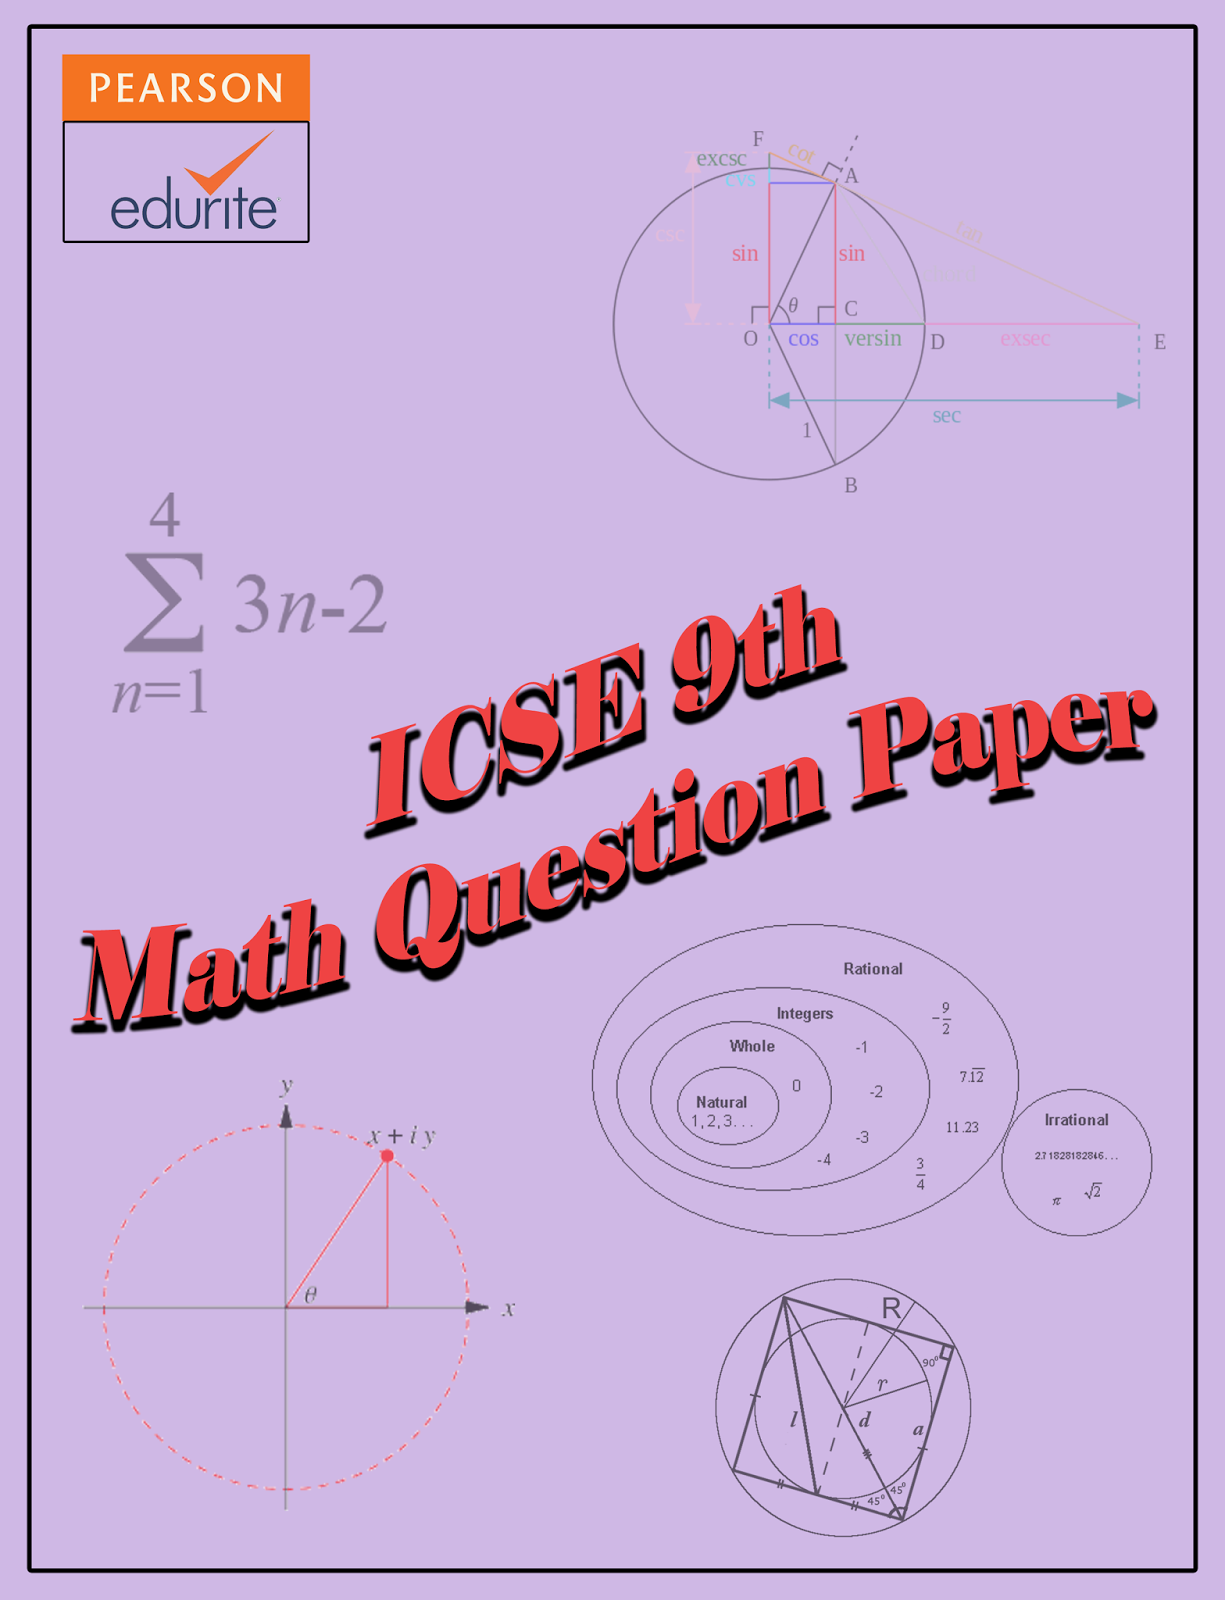 ap calculus essay